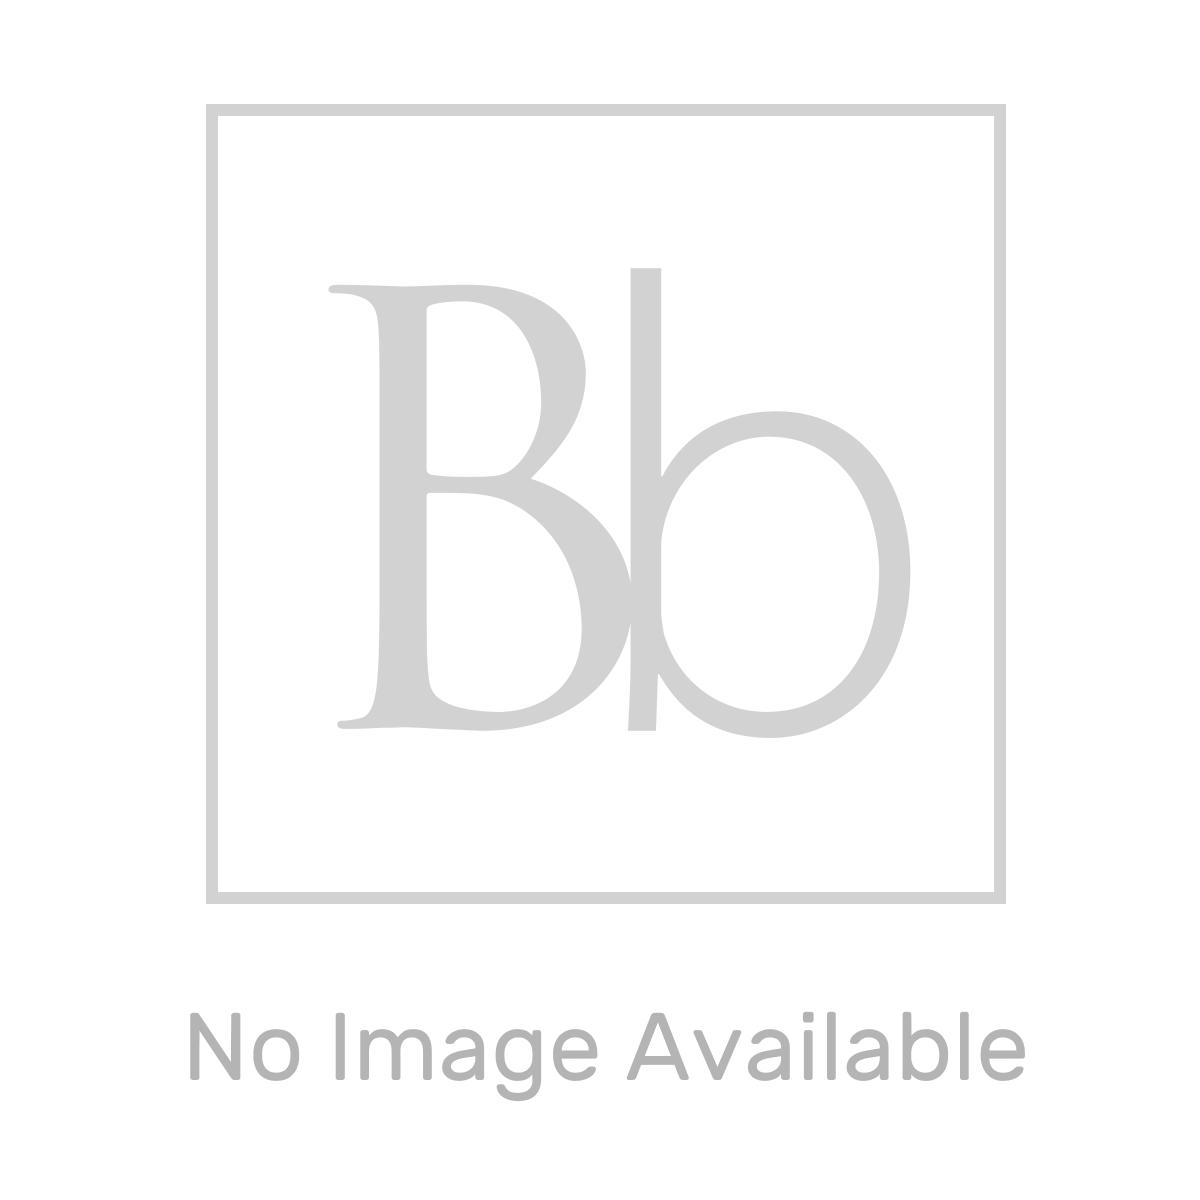 Nuie Vault Driftwood Floor Standing Single Door Vanity & Basin 400mm Line Drawing